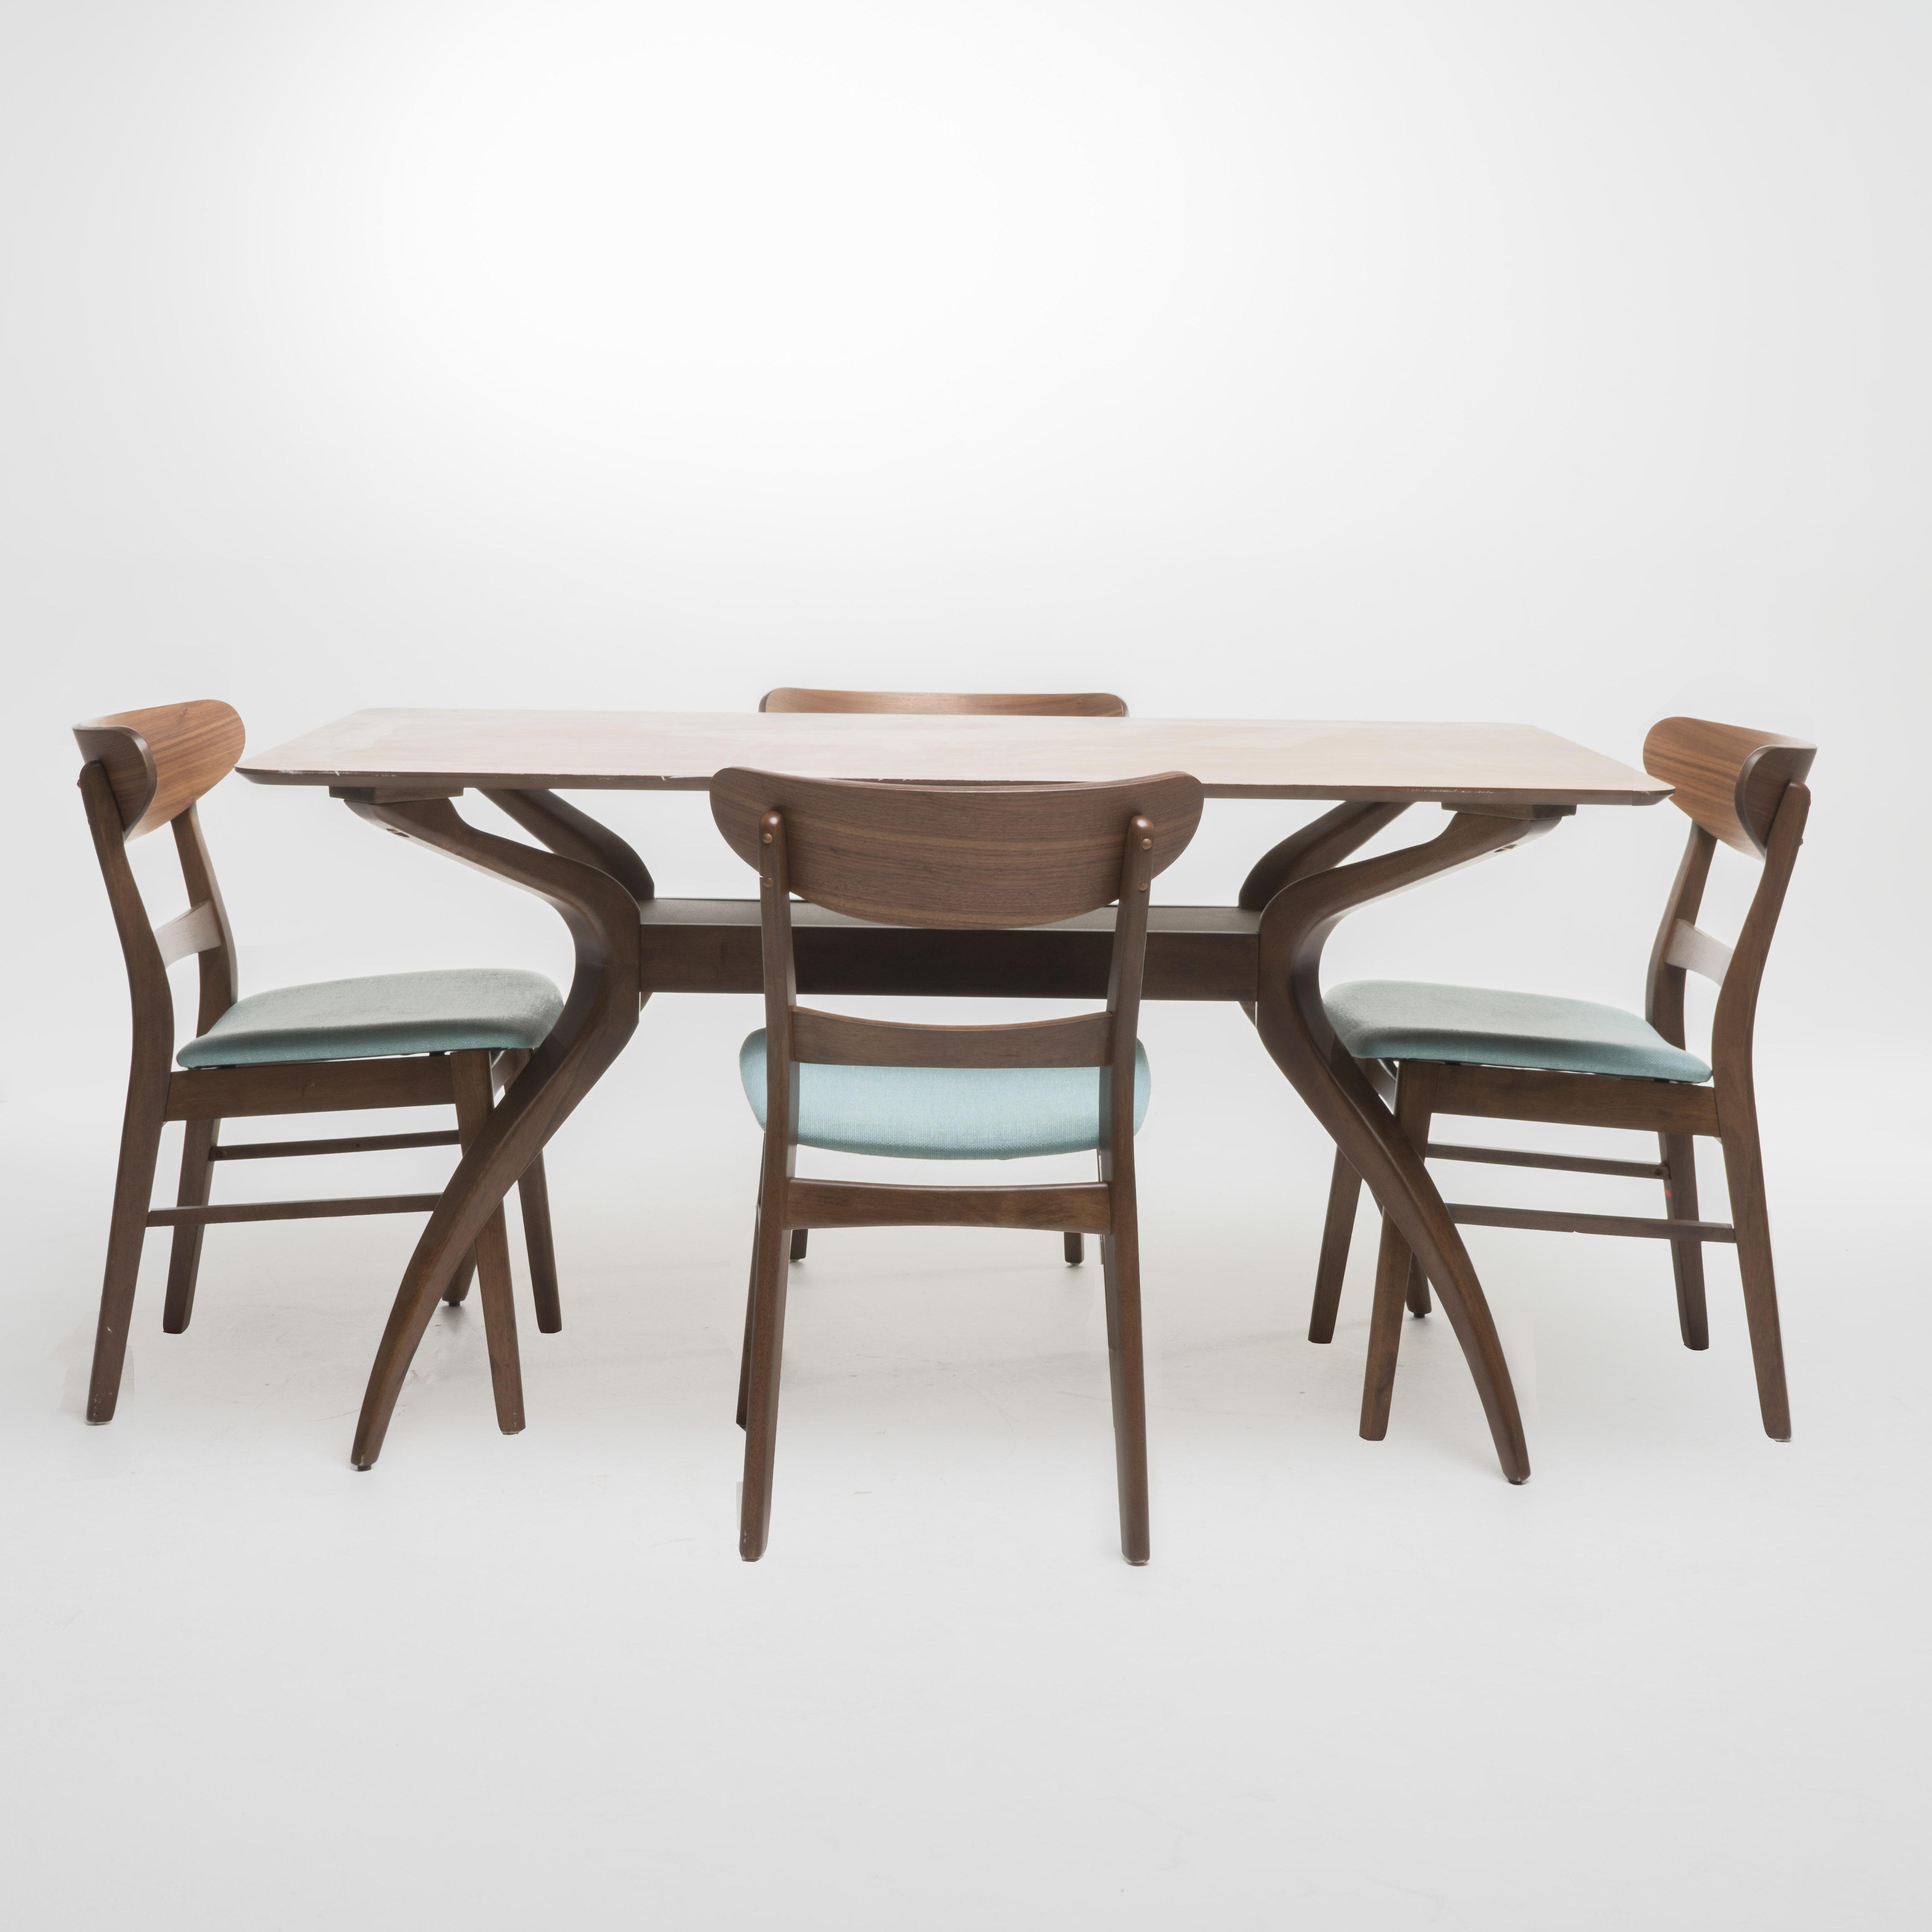 Teigen Curved Leg Rectangular 5-Piece Dining Set, Mint/ Natural Walnut Finish